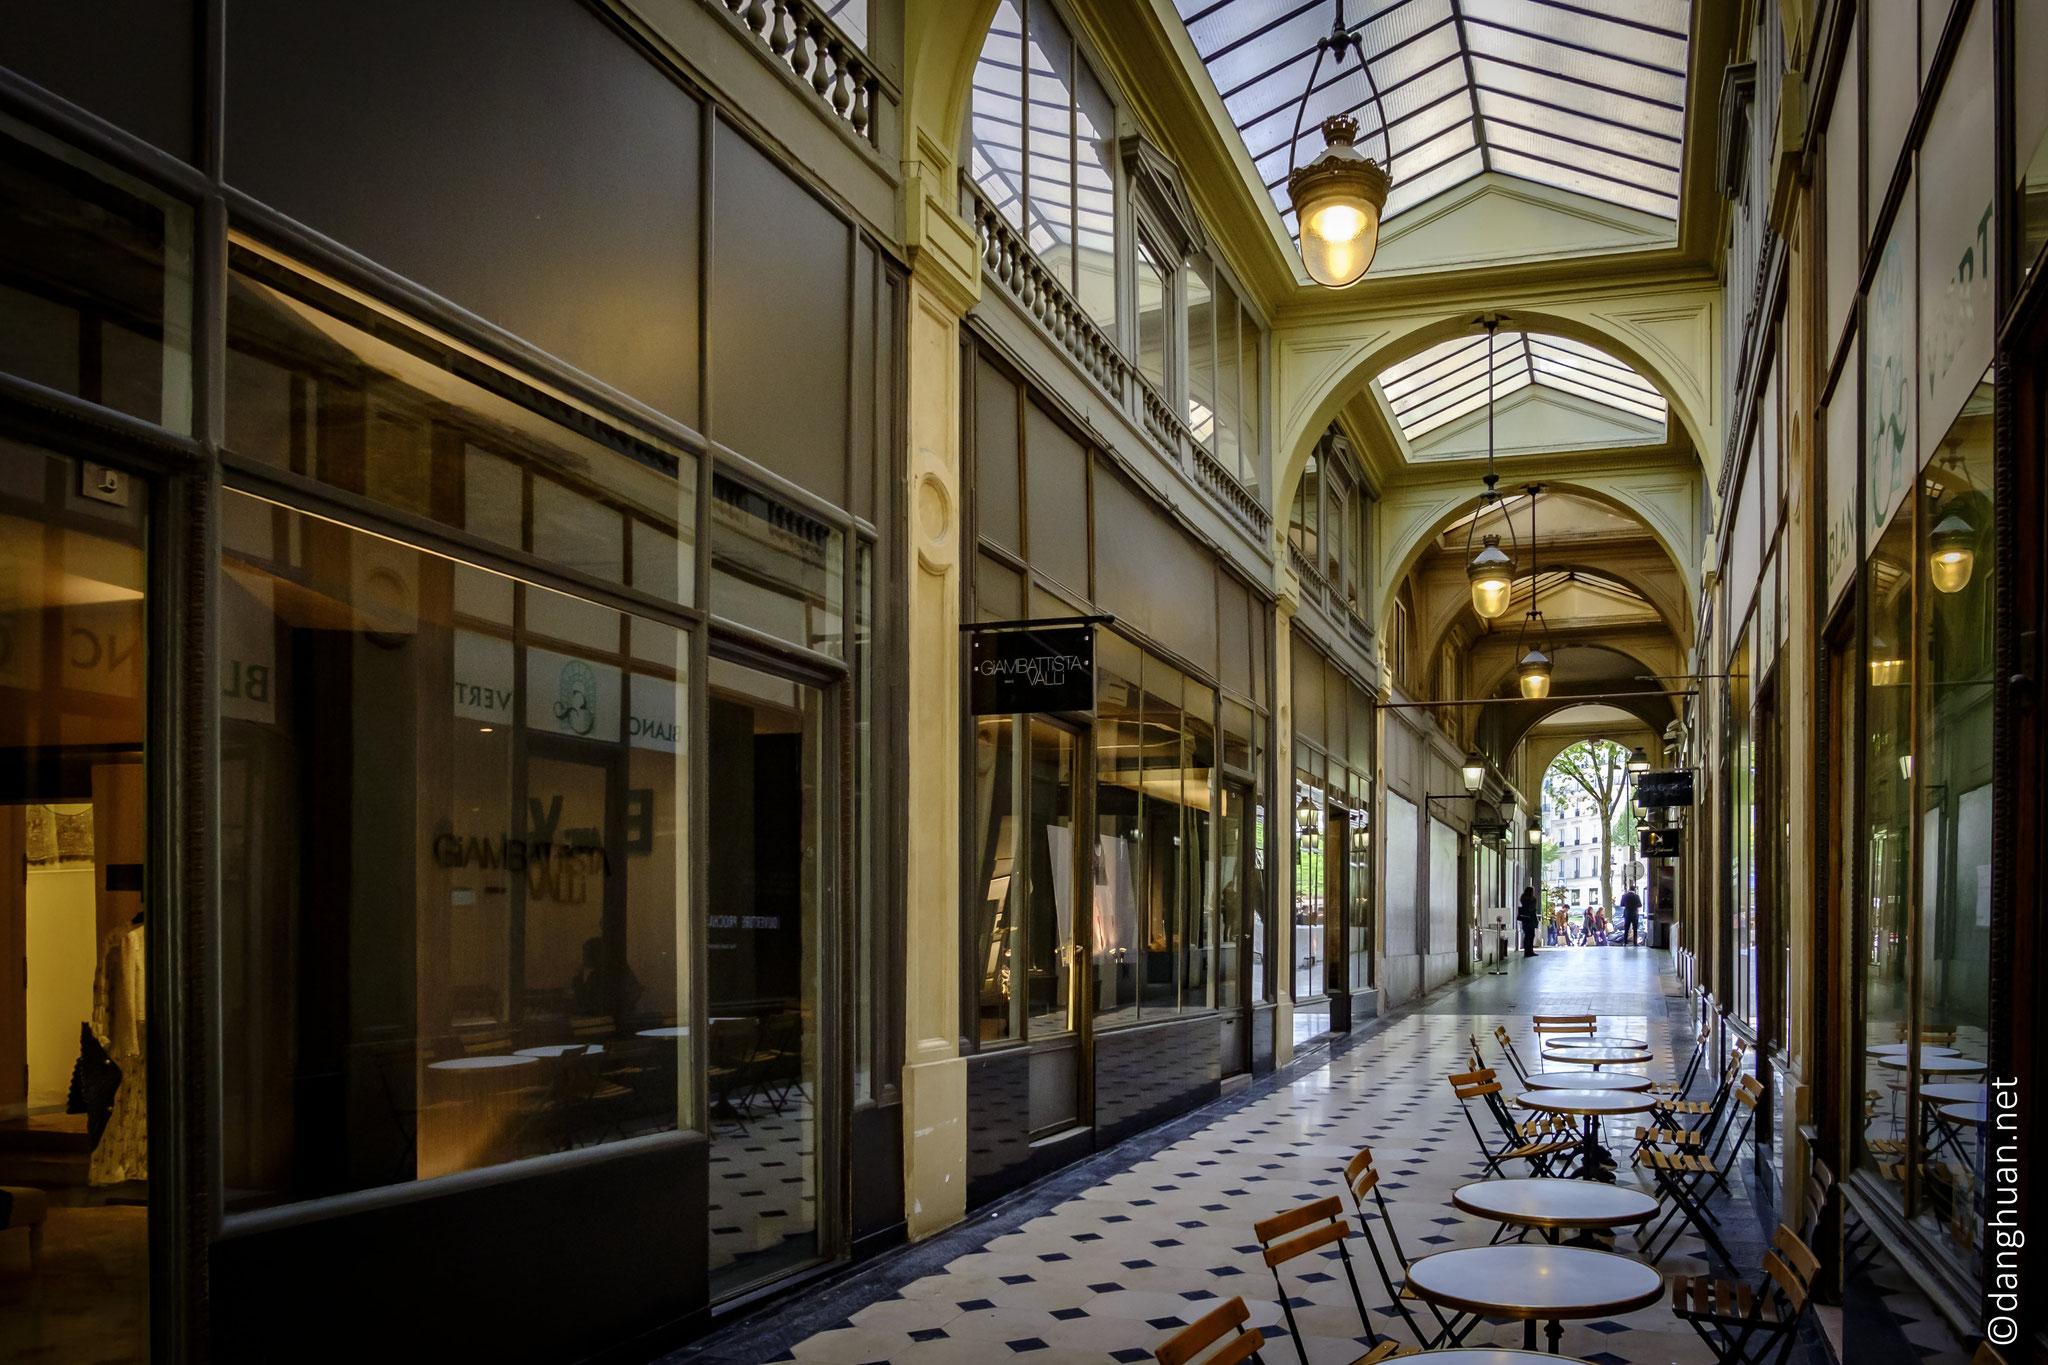 la Galerie de la Madeleine, très élégante par son architecture, abrite de nombreuses enseignes de luxe et de restaurants.